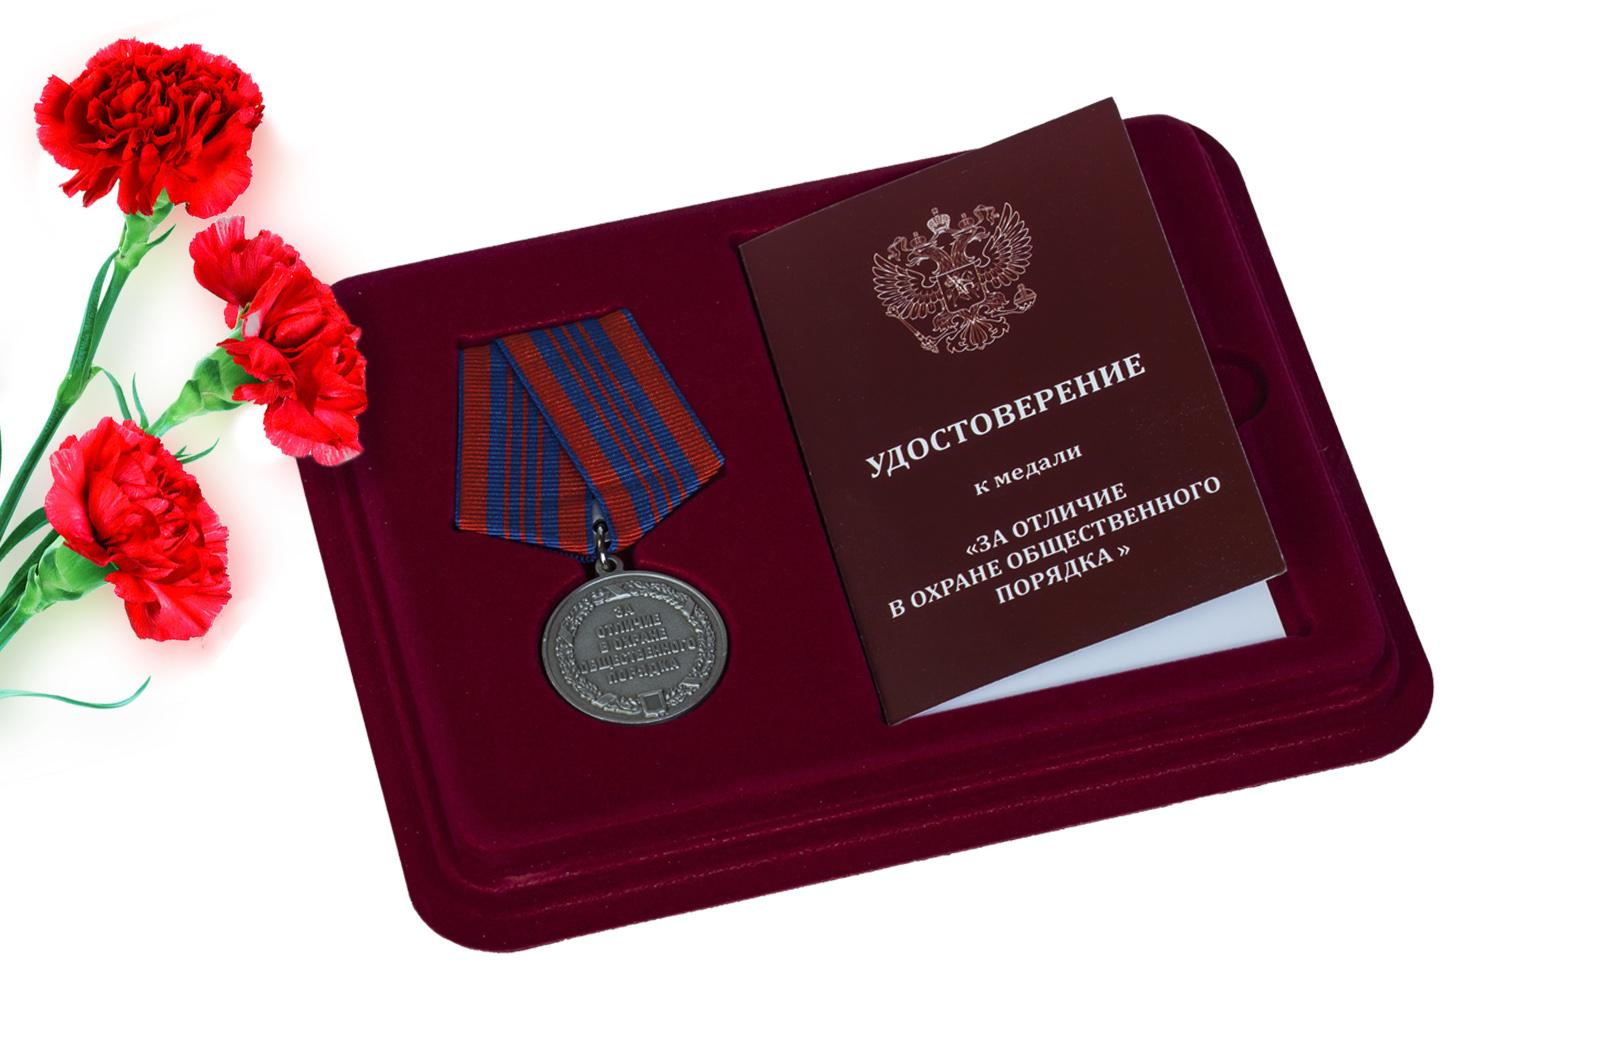 Купить общественную медаль За отличие в охране общественного порядка оптом или в розницу